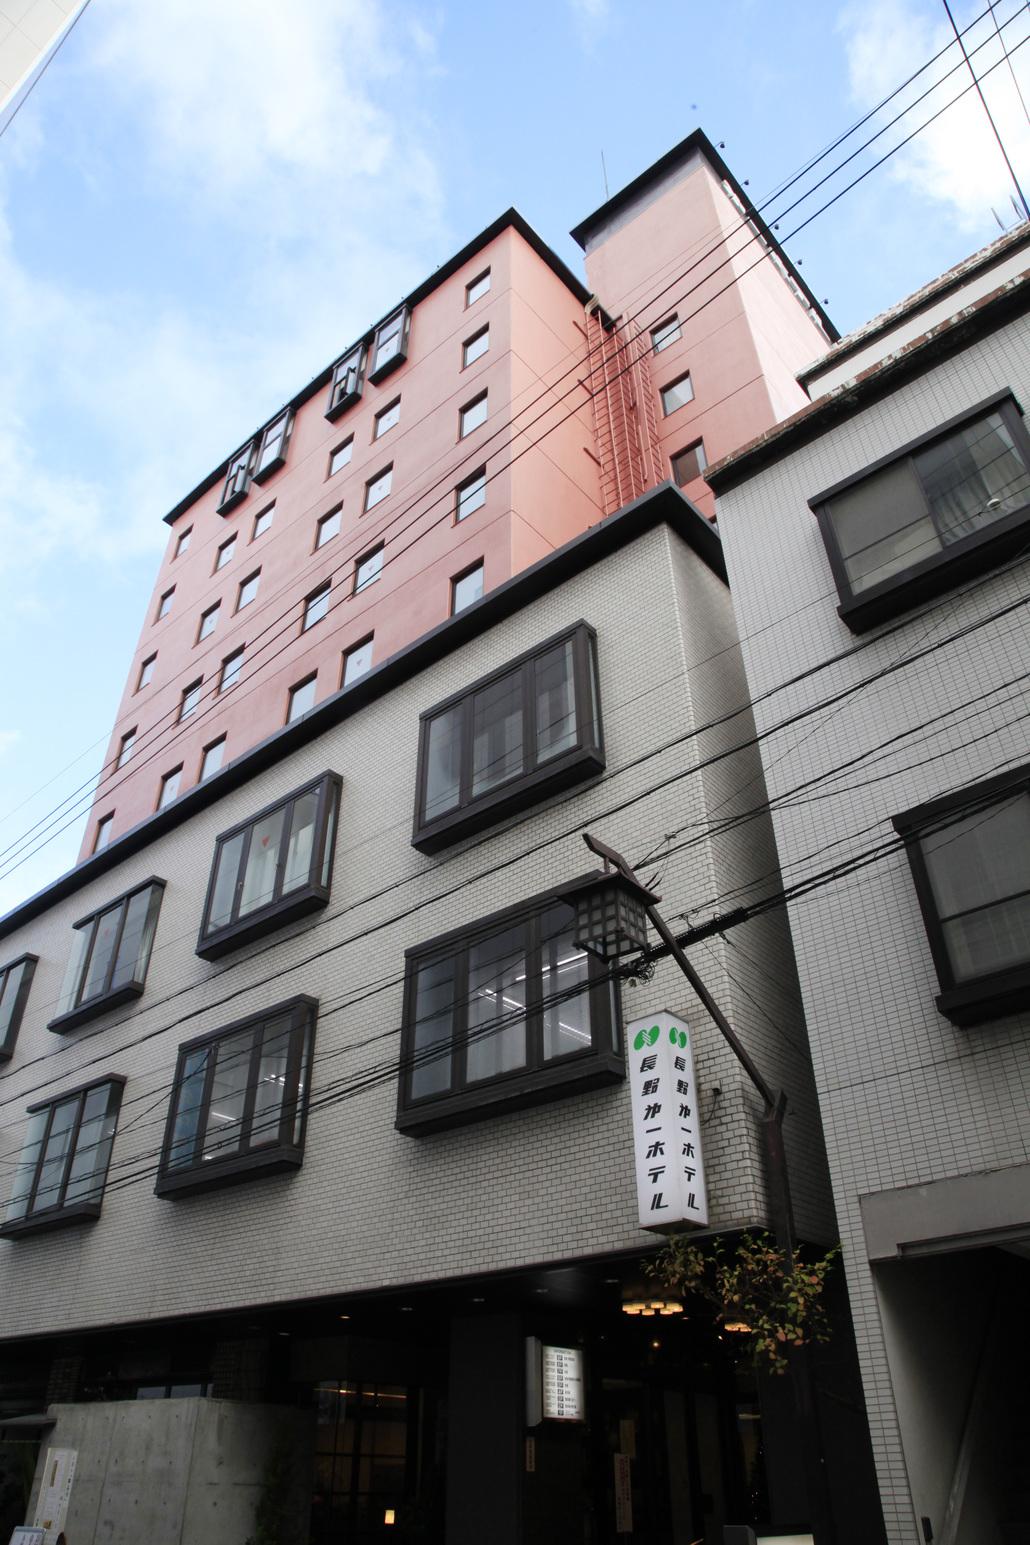 長野駅周辺の格安ホテルは?